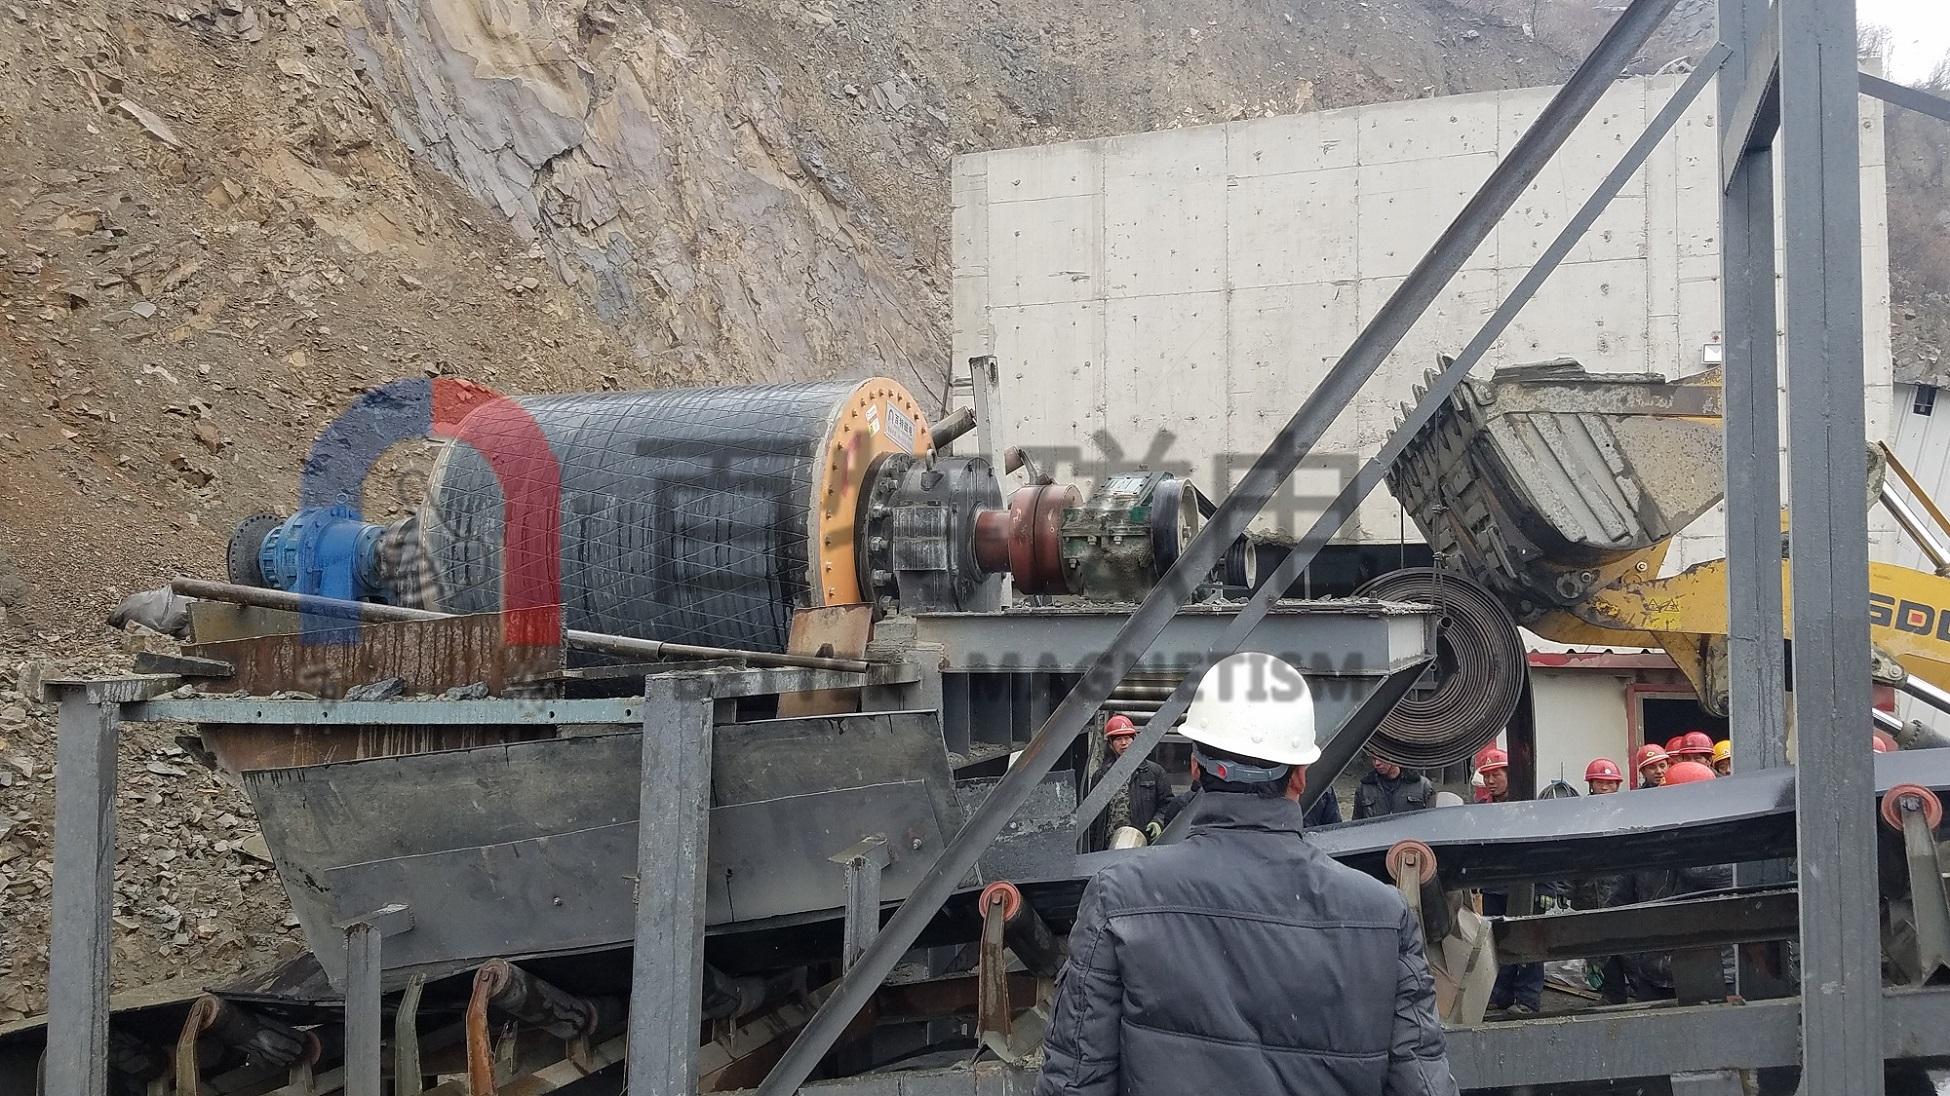 CTDG大块抛废磁选机可以降低矿山的运行生产成本吗